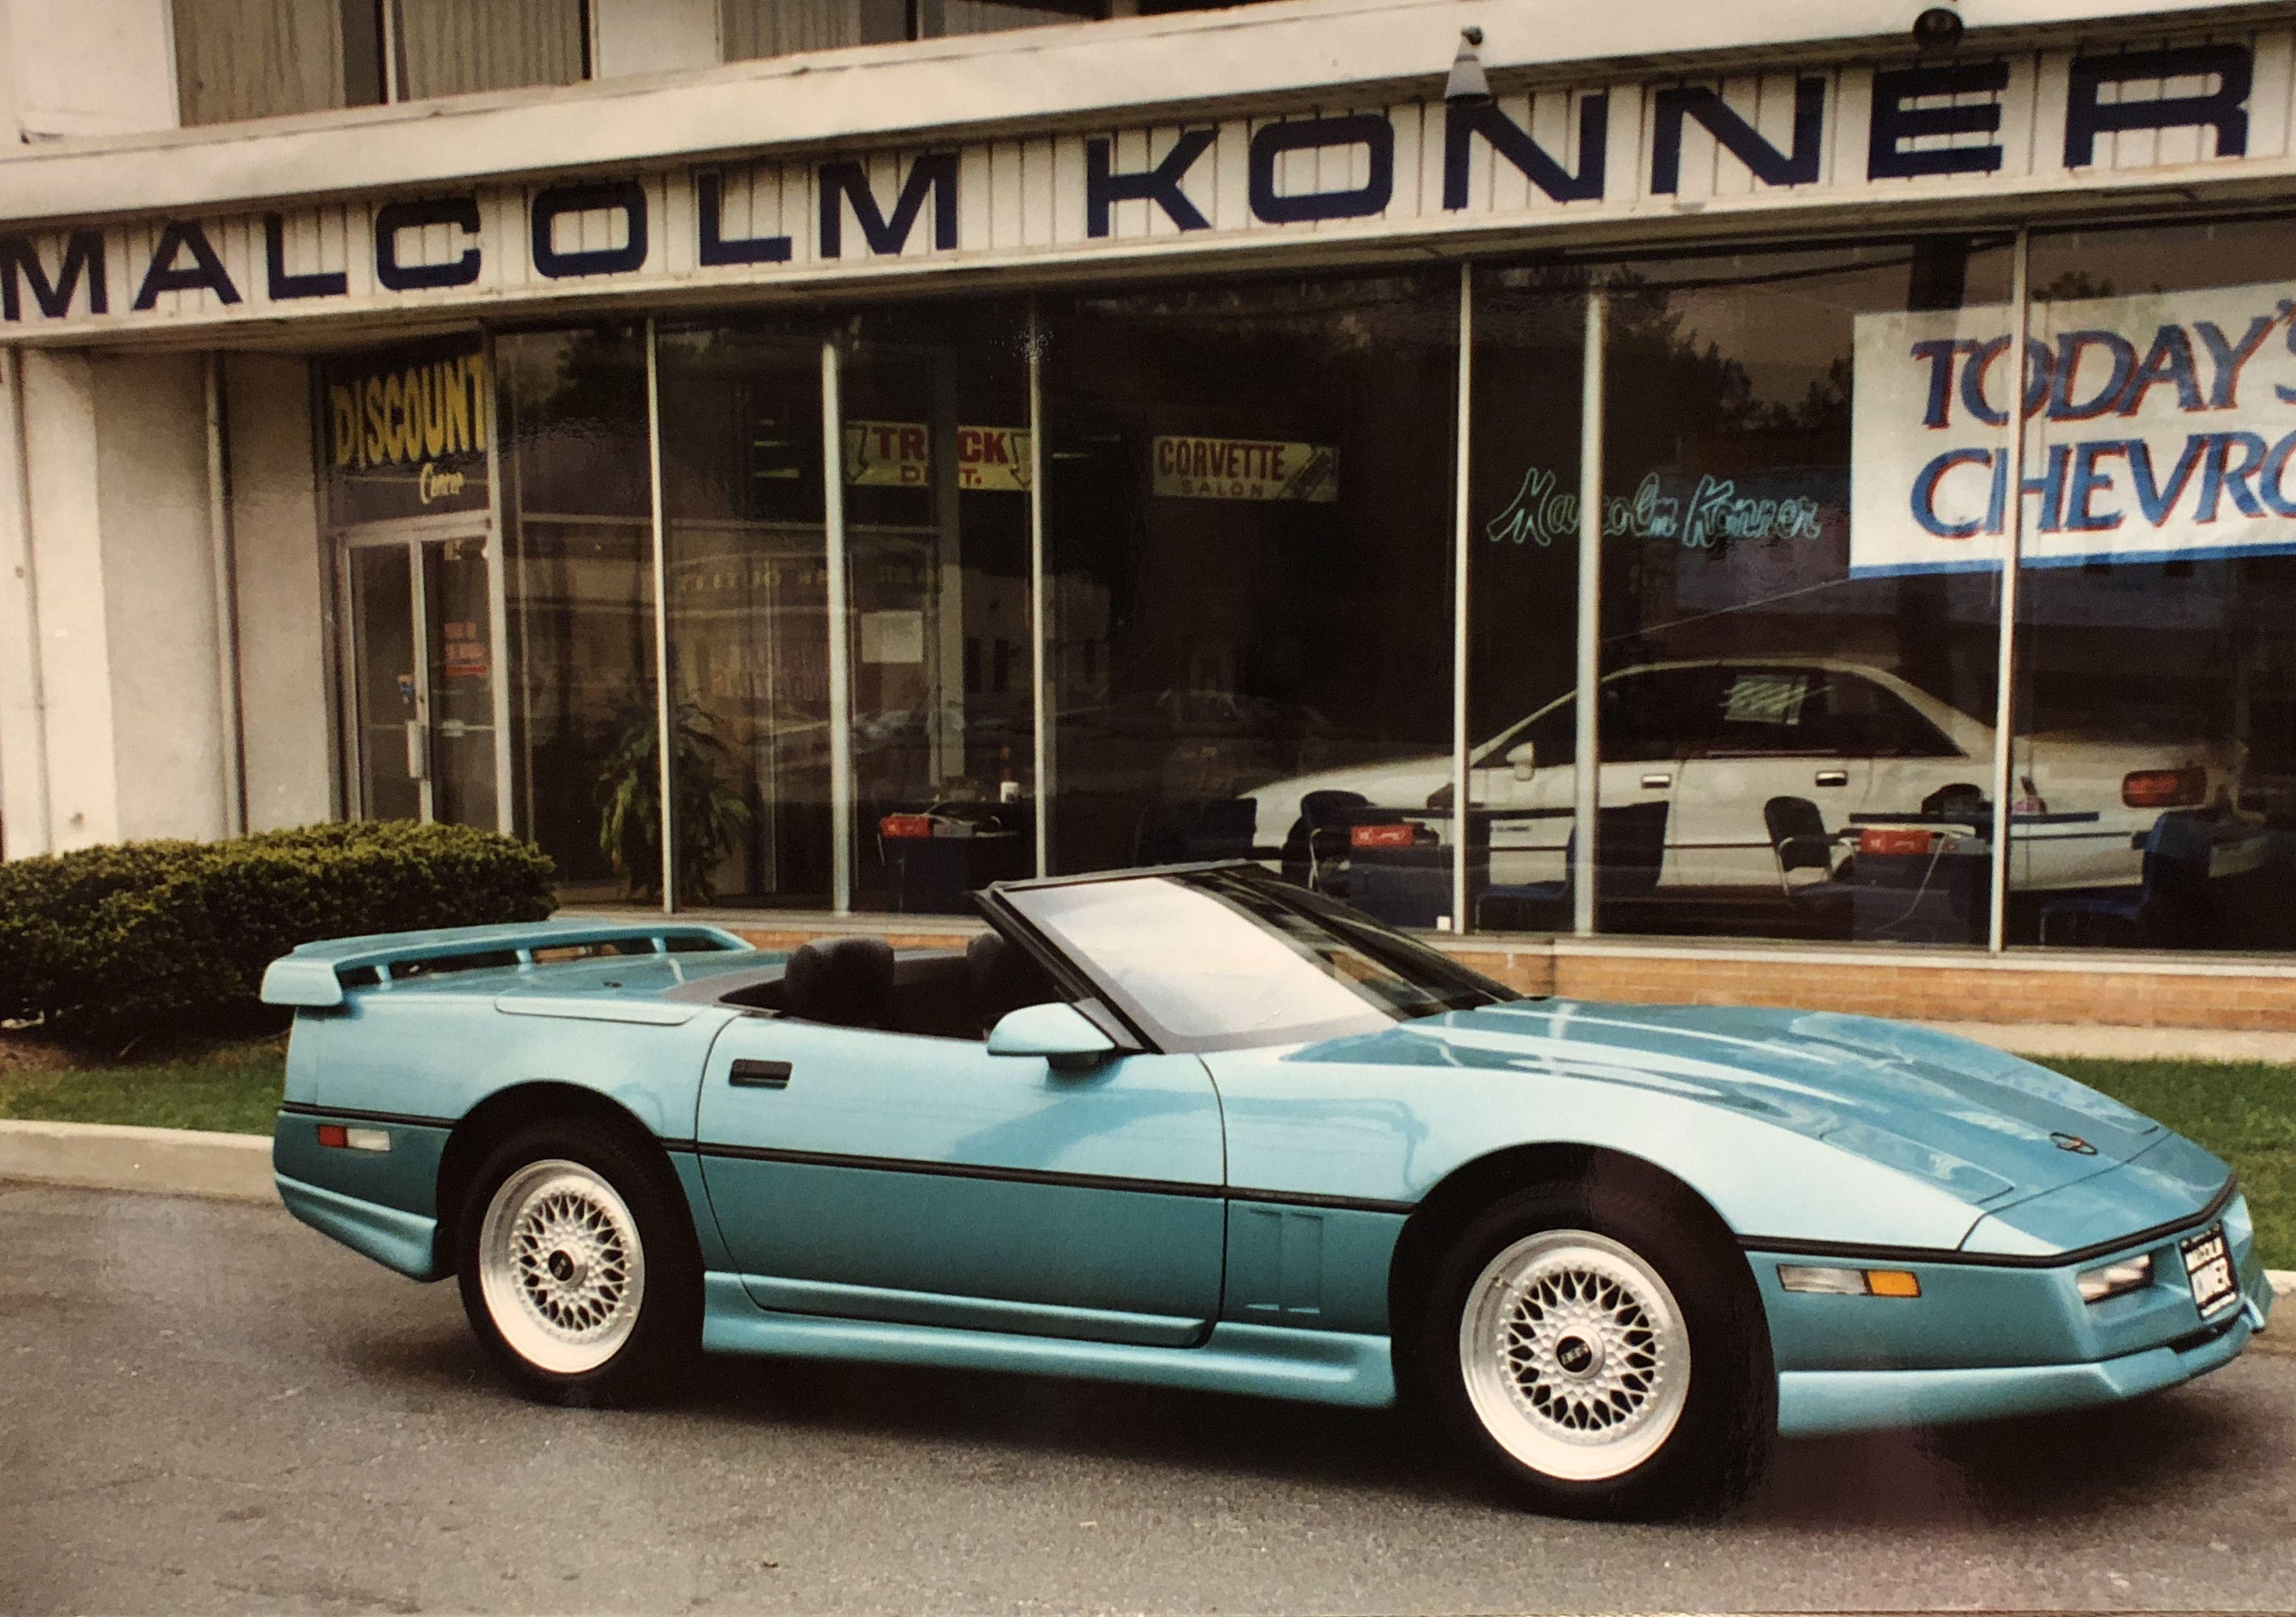 Malcolm Konner Chevrolet Corvette 1990 Greenwood Pkg